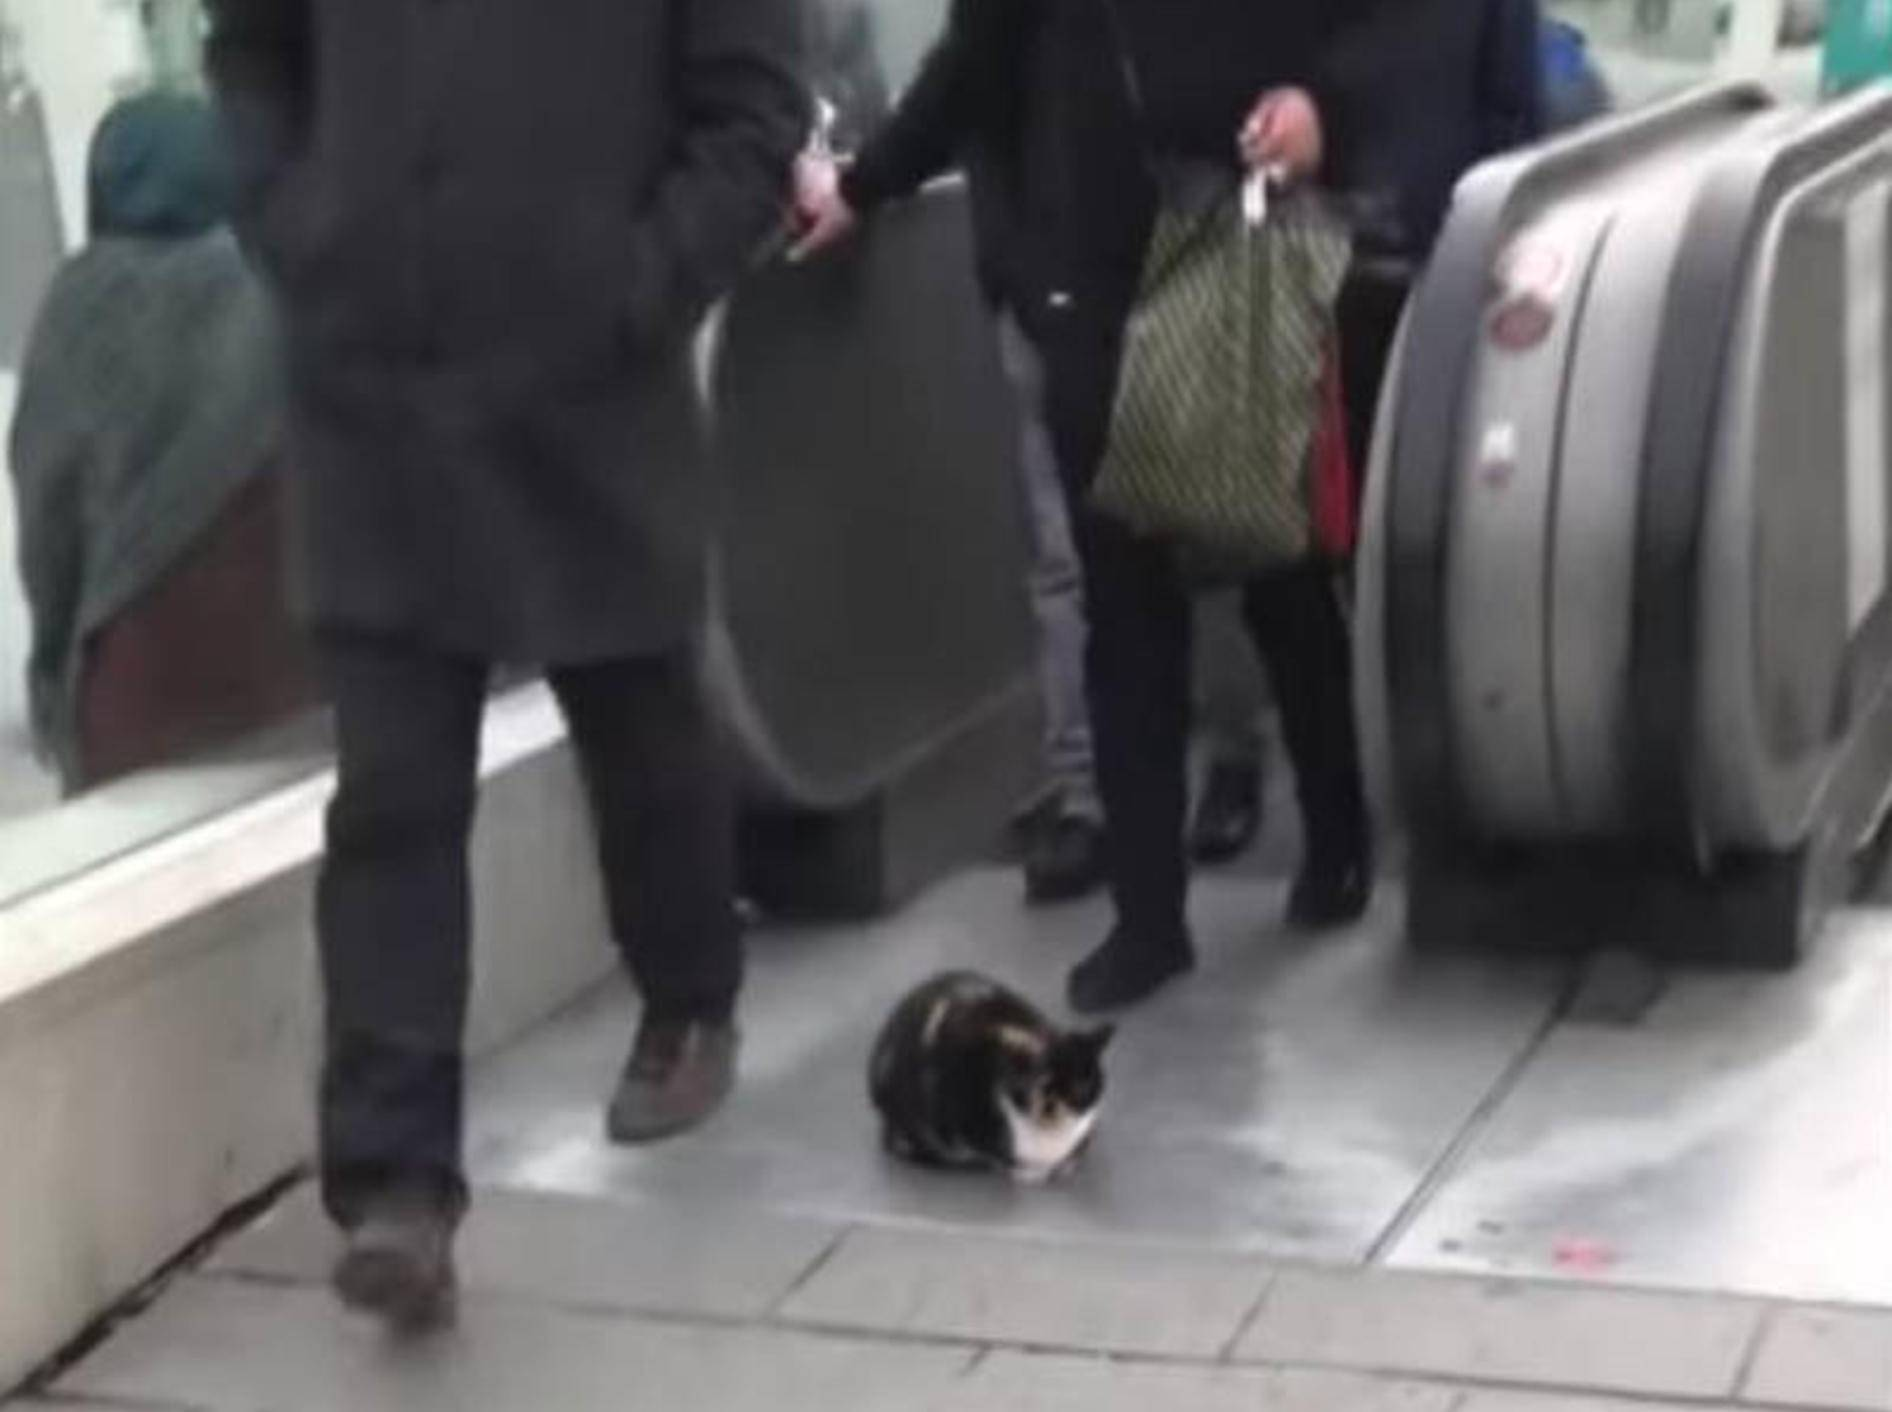 Diese Katze hält ein Nickerchen vor einer Rolltreppe. Die Passanten scheinen sie dabei nicht zu stören - Bild: YouTube/Docu Watch